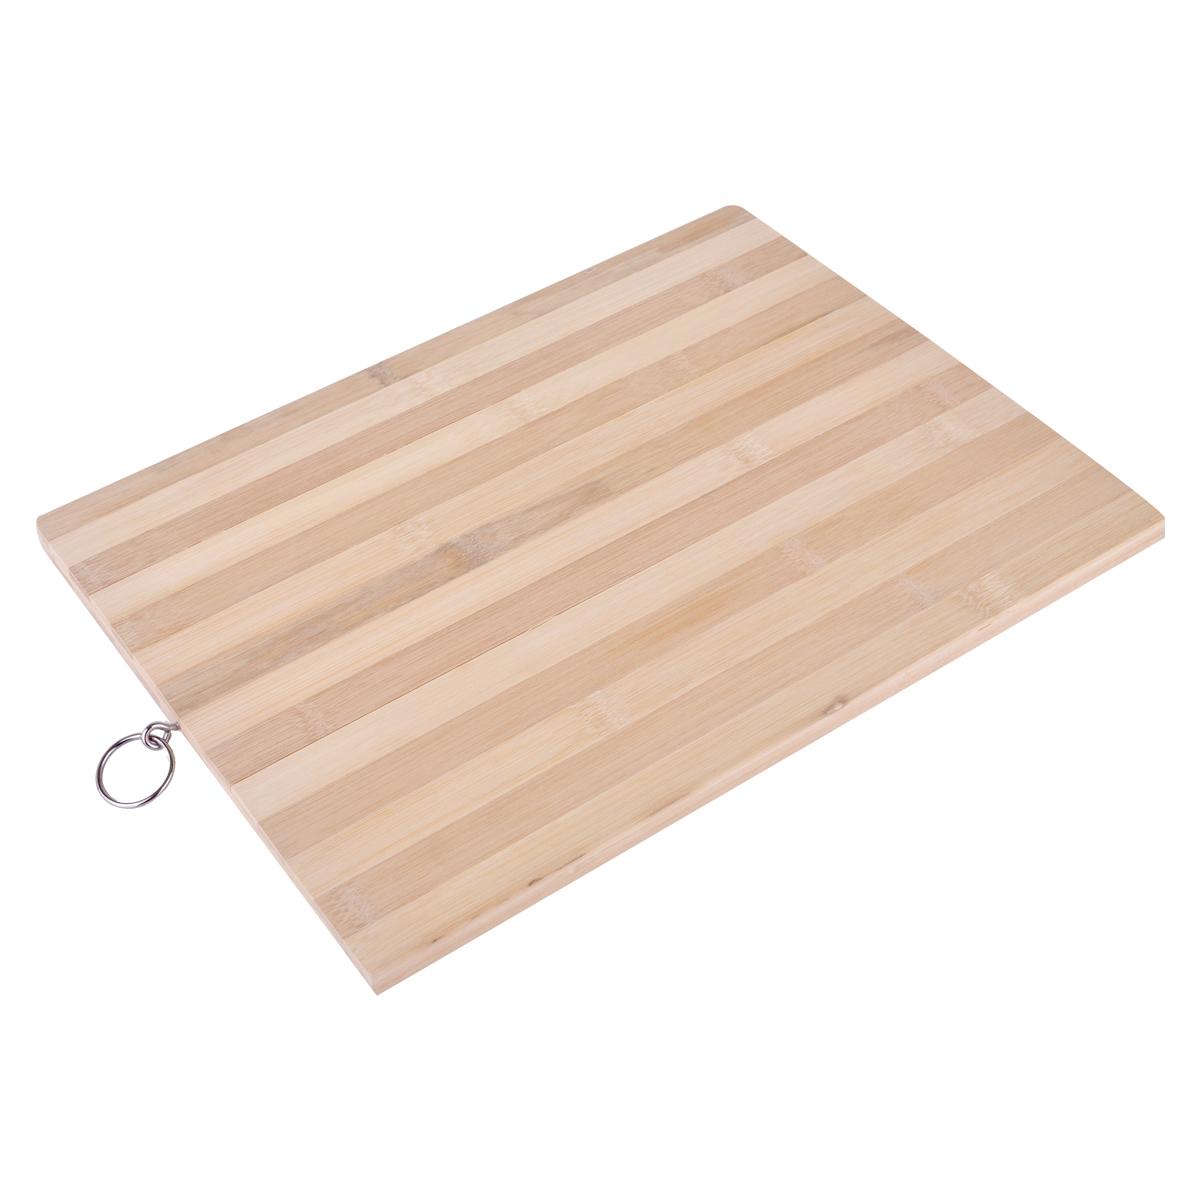 لوح تقطيع خشبي 35x26 cm  من ماي مارت.